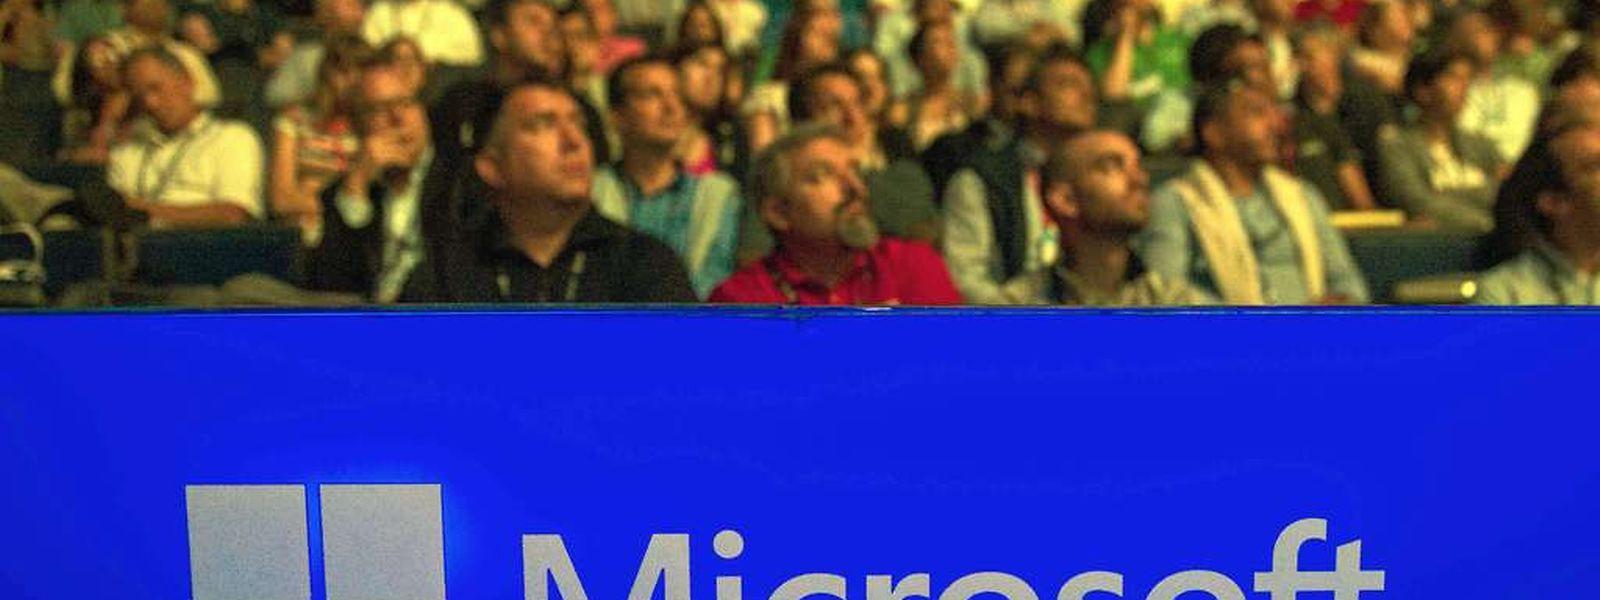 Microsoft soll für den Kauf 200 Millionen Dollar bezahlt haben.